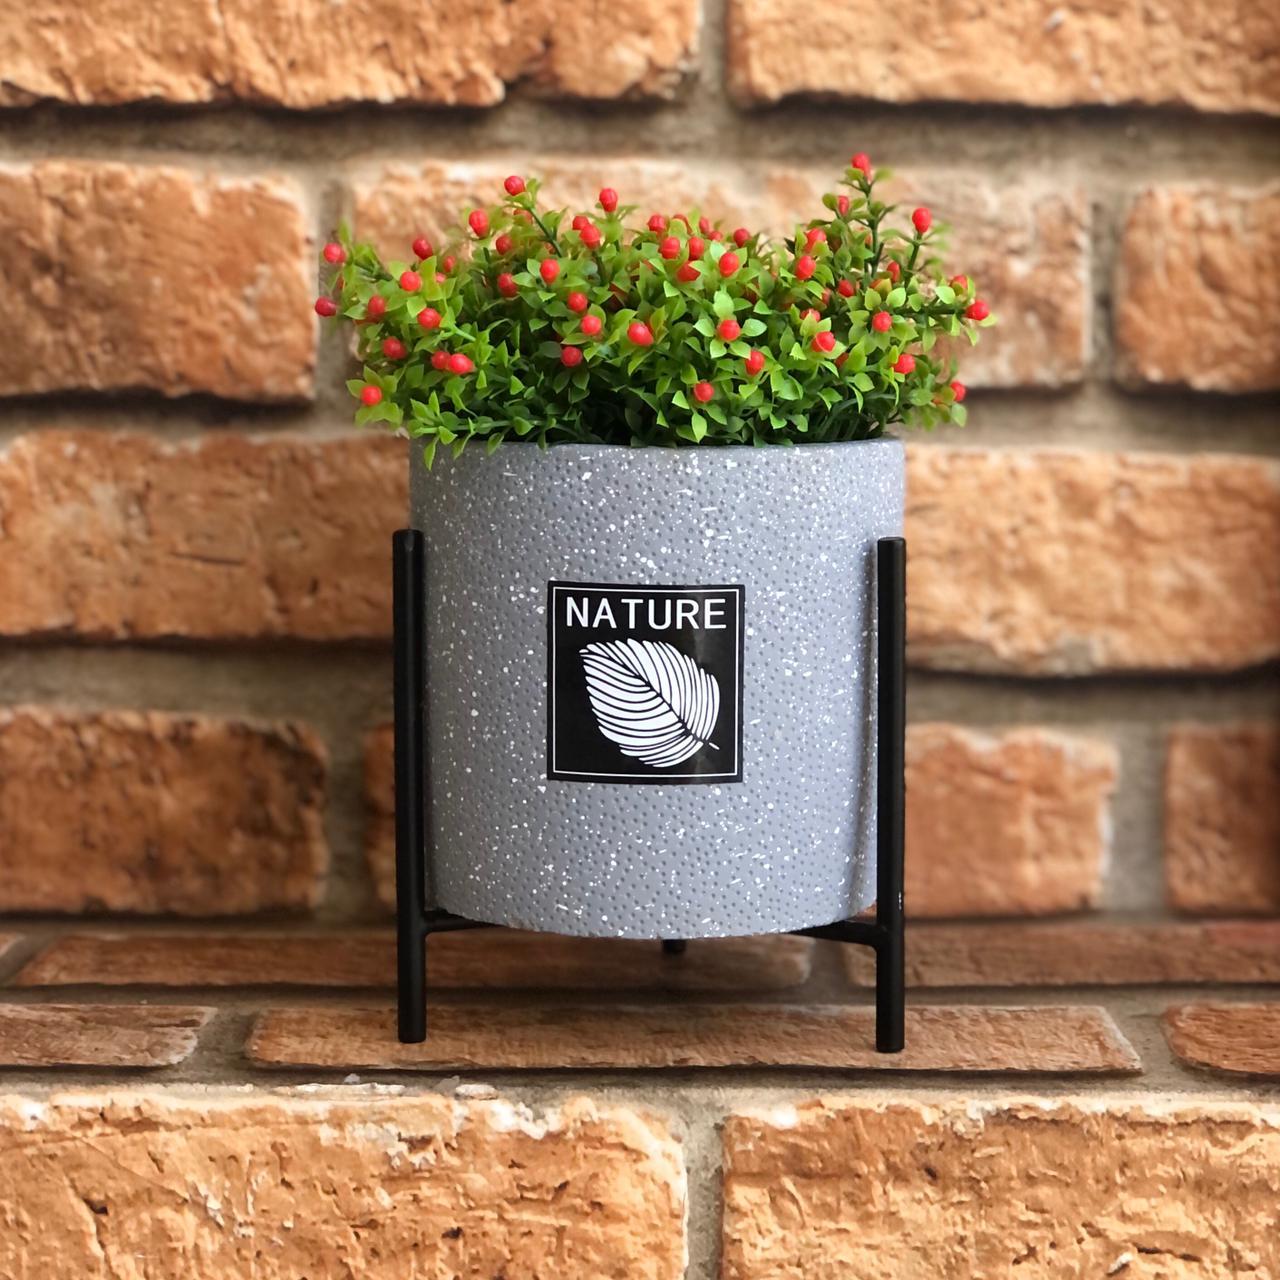 Vaso Decorativo de Cimento Nature com Suporte Metal